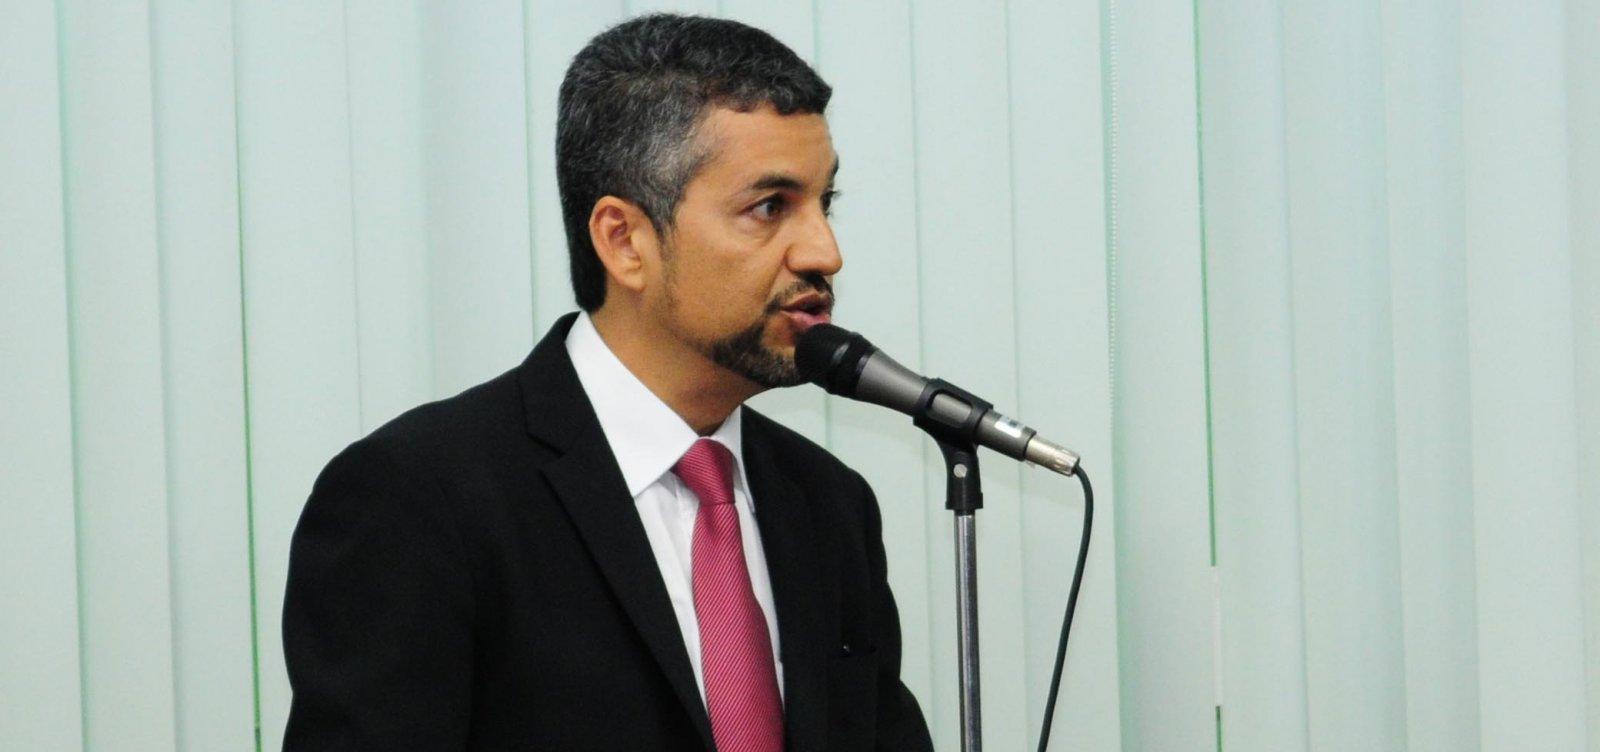 Irecê: Ministério Público pede prisão e afastamento de prefeito